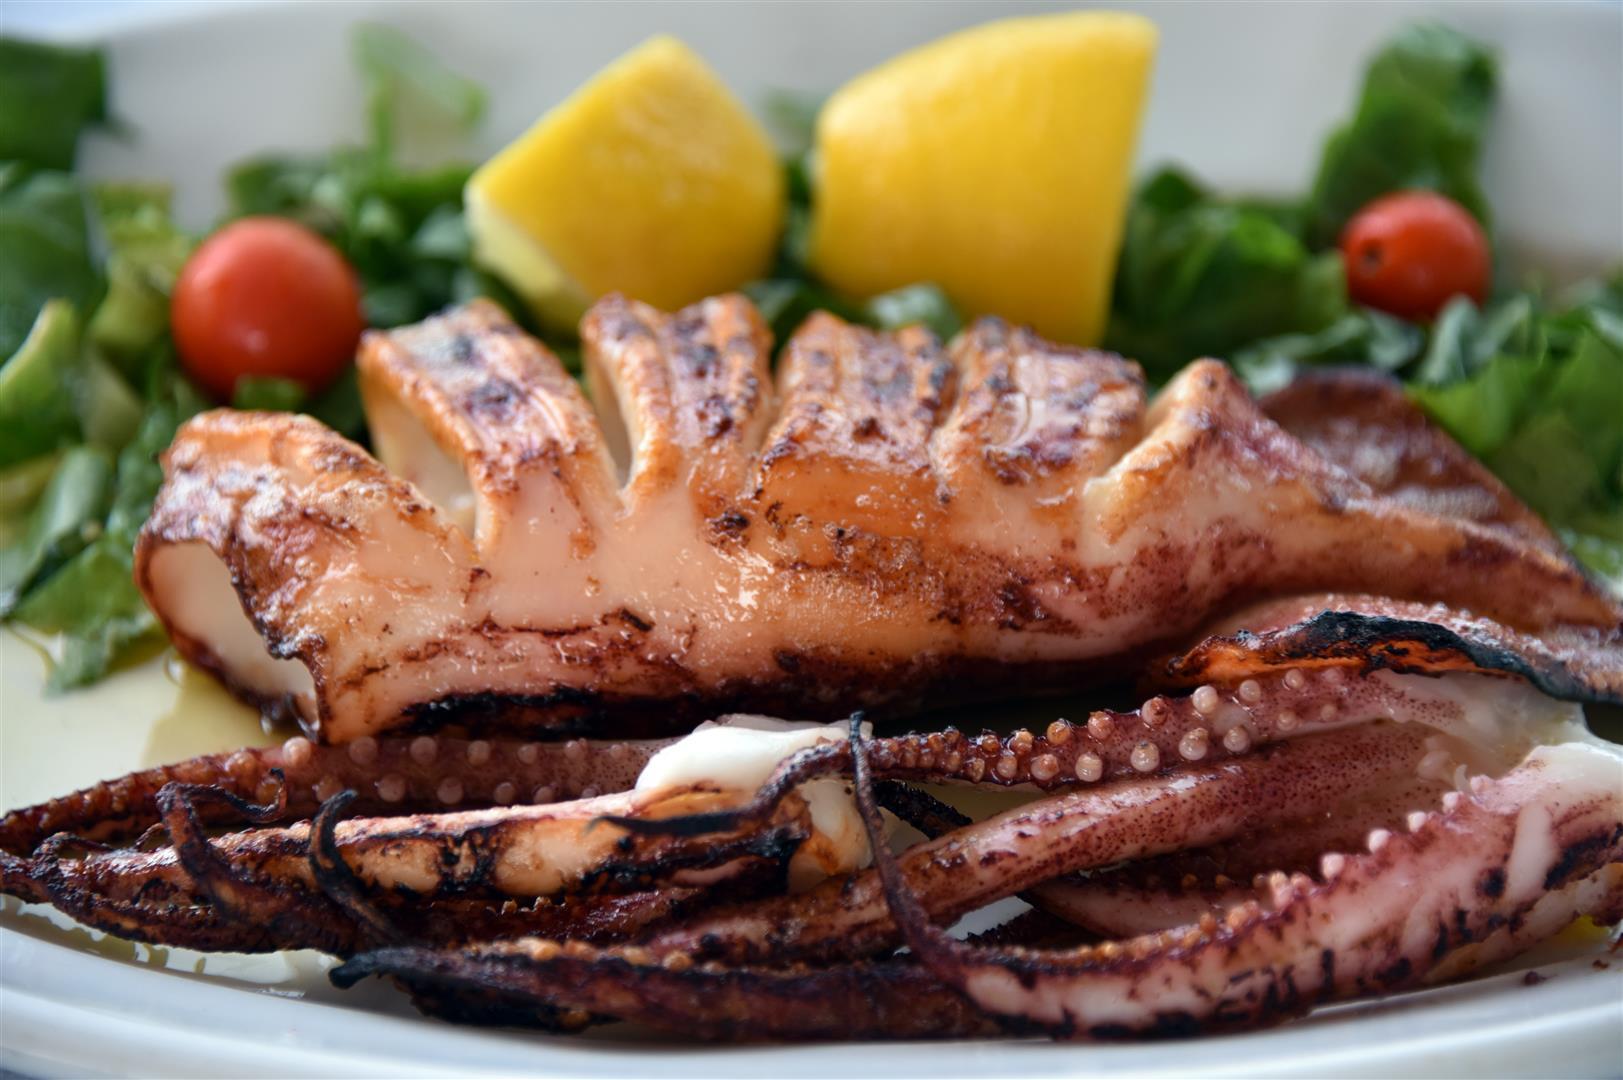 Food - Calamari1 (Large)